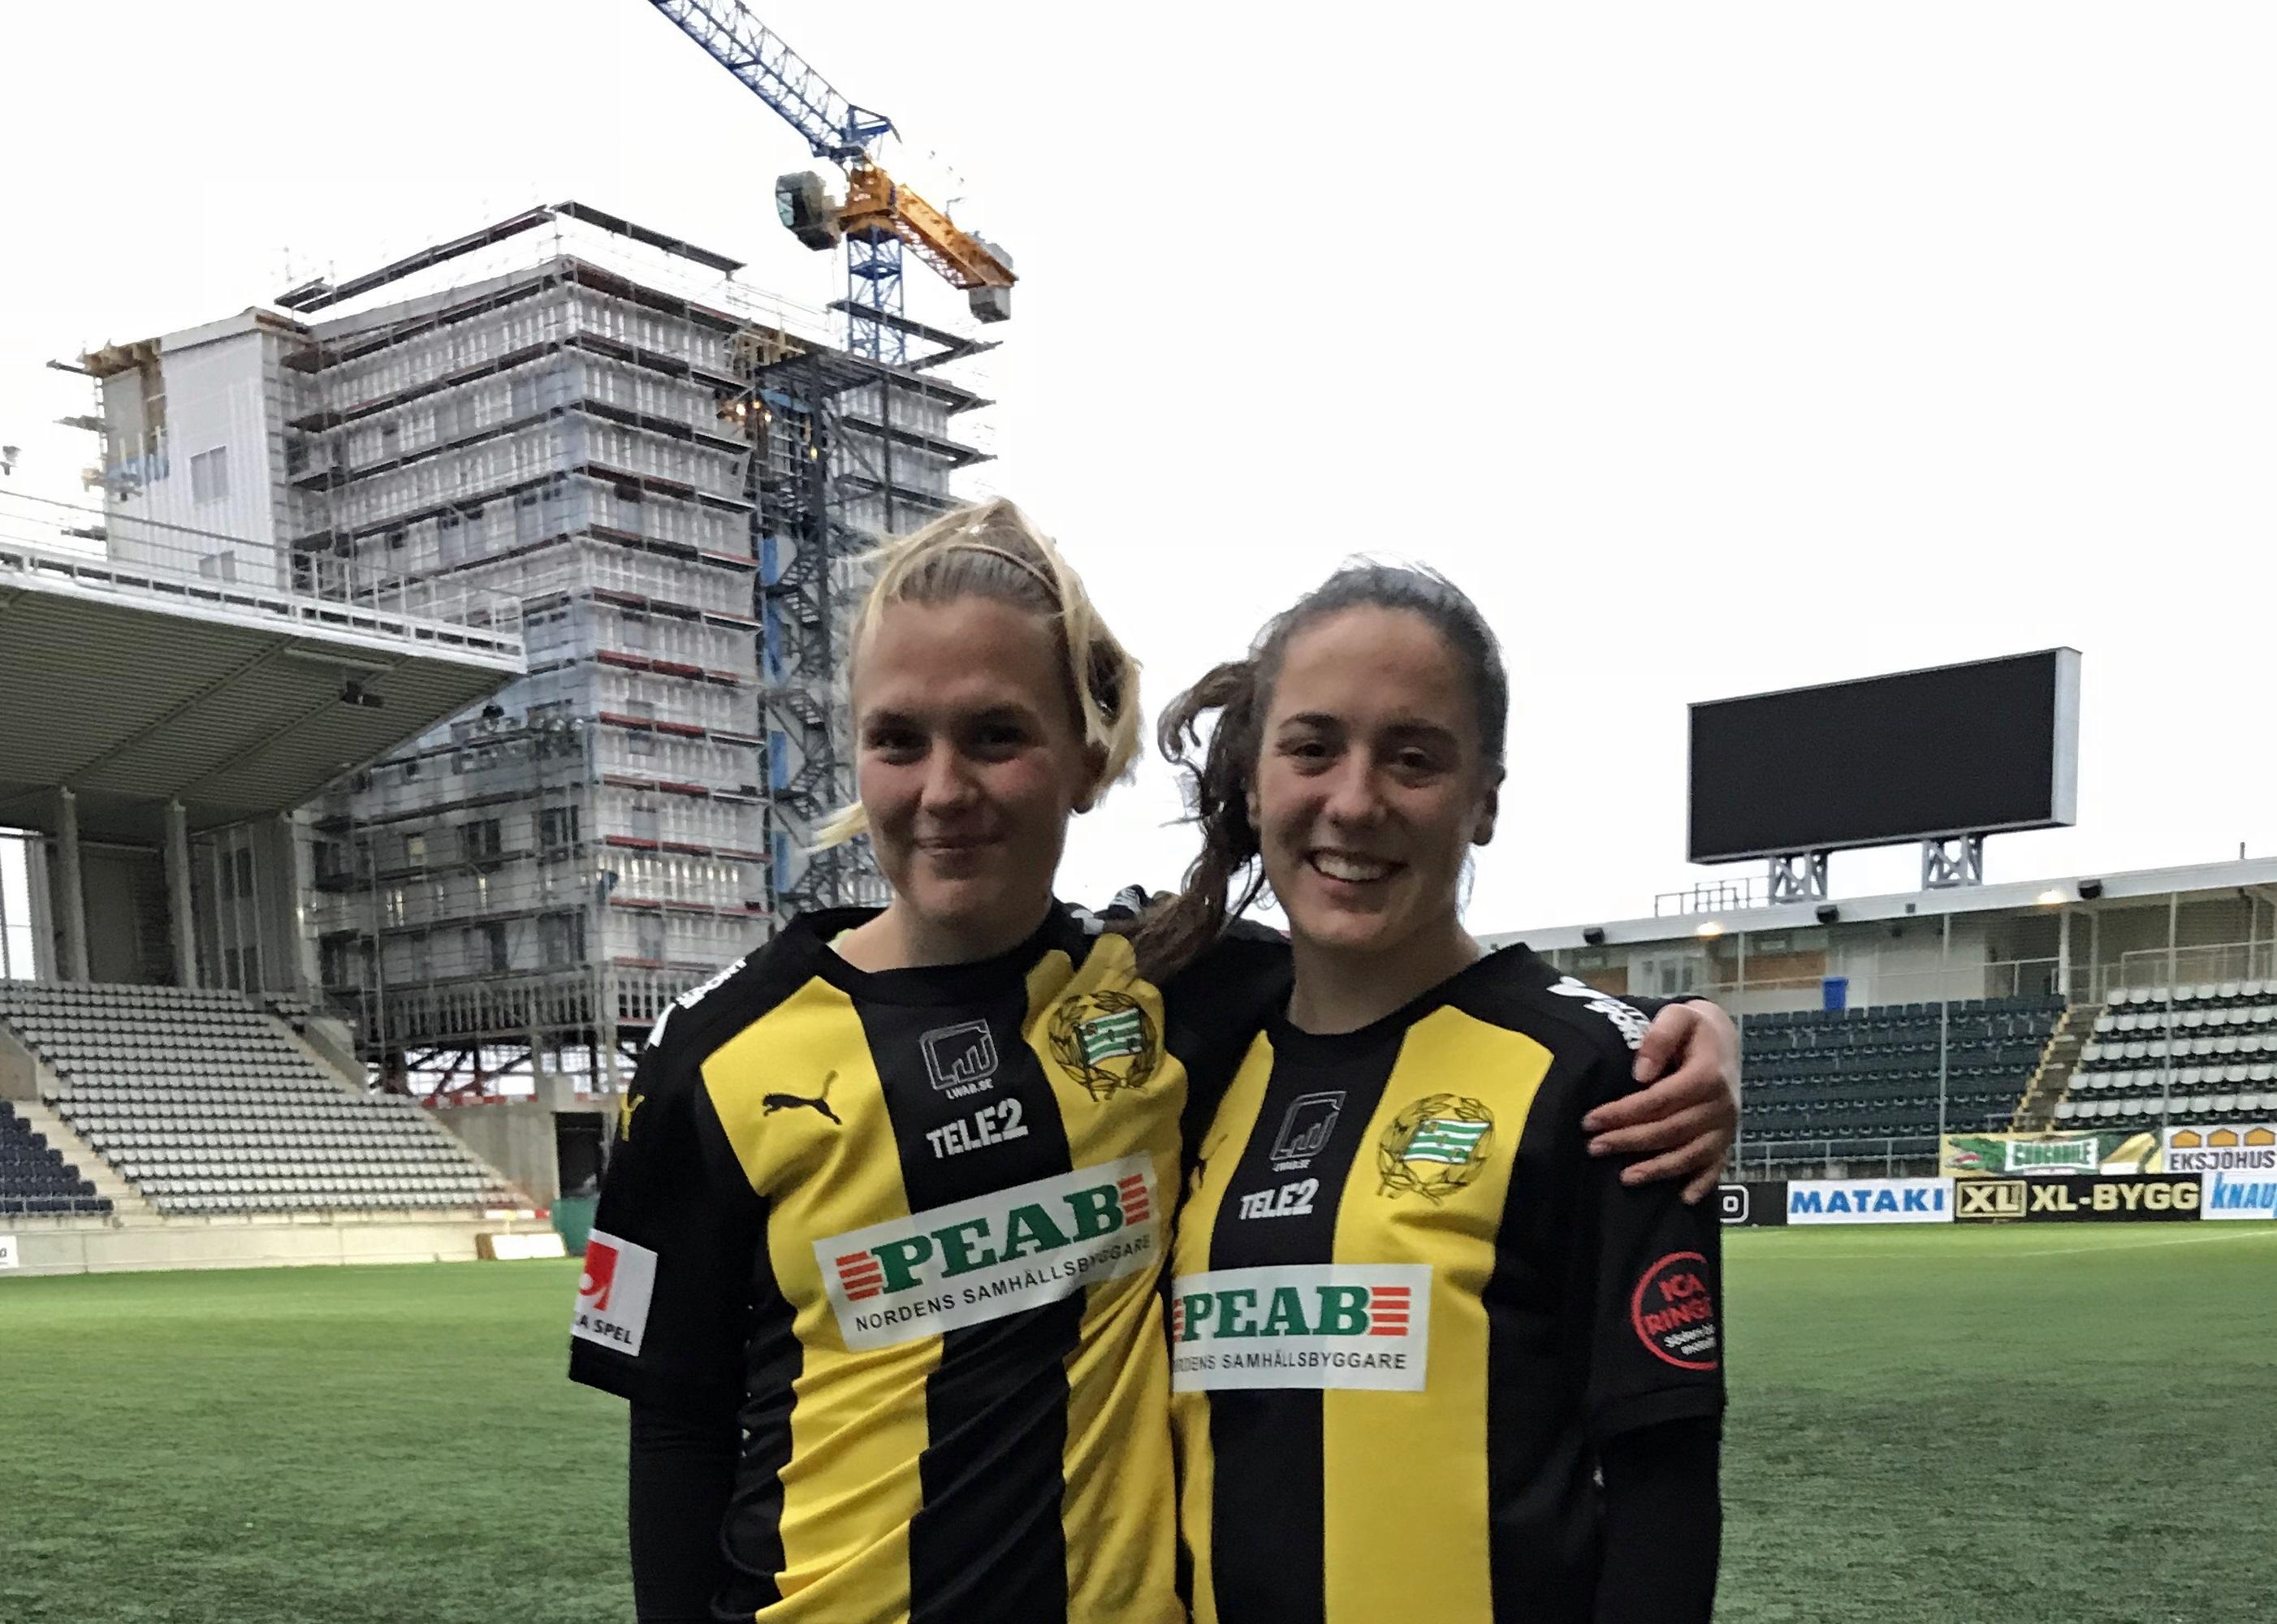 8 oktober, Linköping-HIF 2-2 SVT satsade på den allsvenska toppstriden; LFC-hemmamötet med Söderbönorna. Inför hundratusentals tittare visade istället Bajen upp sig från sin bästa sida, och räddade den fortsatta tv-spänningen, mot de blivande och försvarande mästarna. Frida Sjöberg valde ett skapligt tillfälle för årets första balja, ett välplacerad distansskott. Och trots att de Champions League-upptagna östgötarna tidigt bytte in det tunga gardet, med Kosovare Asllani i spetsen, fick HIF sista ordet. Alma Nygren blev nästa tonåriga succéinhoppare – när hon släckte jumbotronen och räddade tigerrandig poäng i 93:e. (hammarbyfotboll.se)